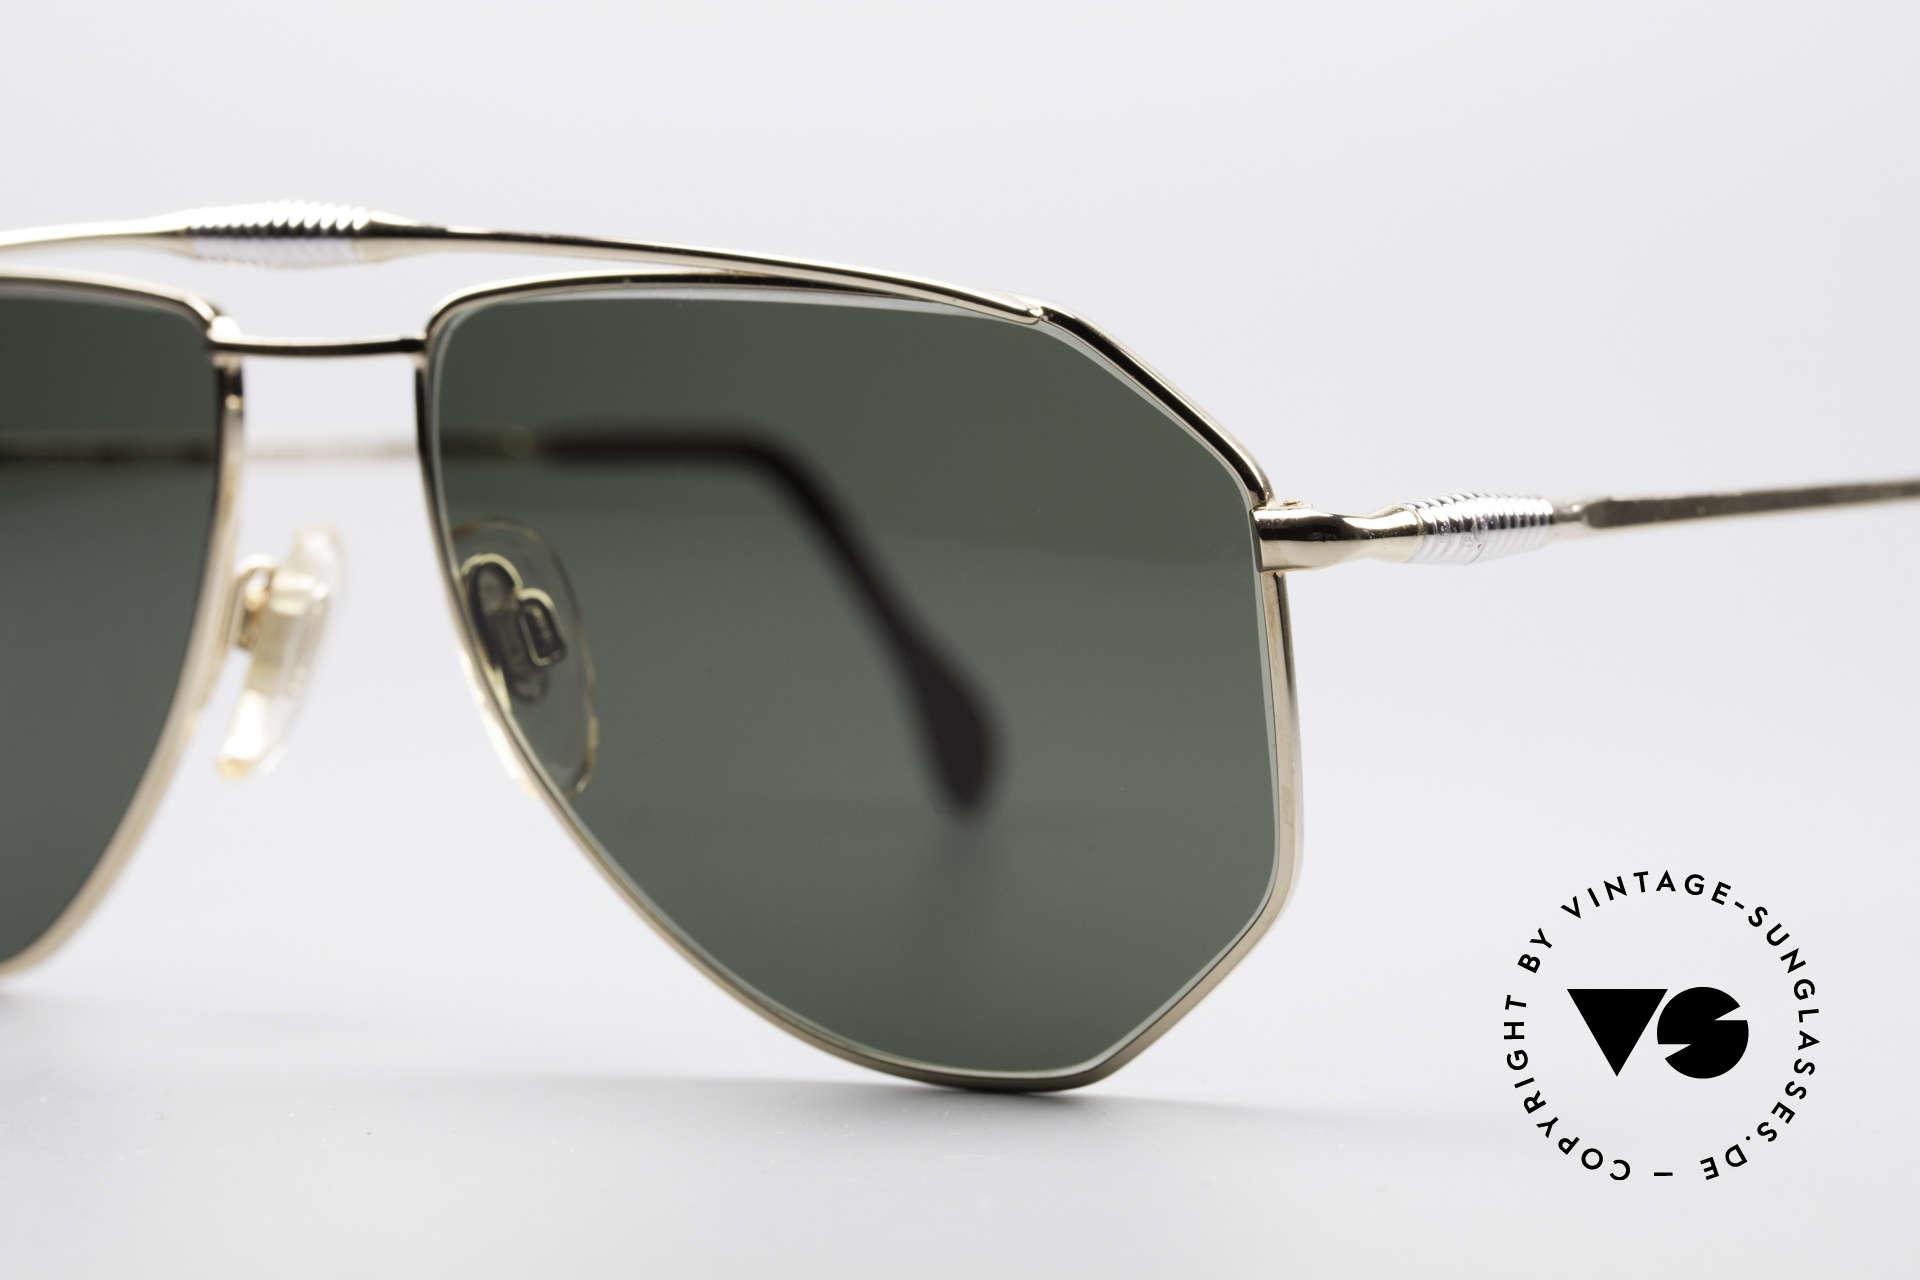 Zollitsch Cadre 120 Medium Piloten Sonnenbrille, ungetragen (wie alle unsere vintage Zollitsch Brillen), Passend für Herren